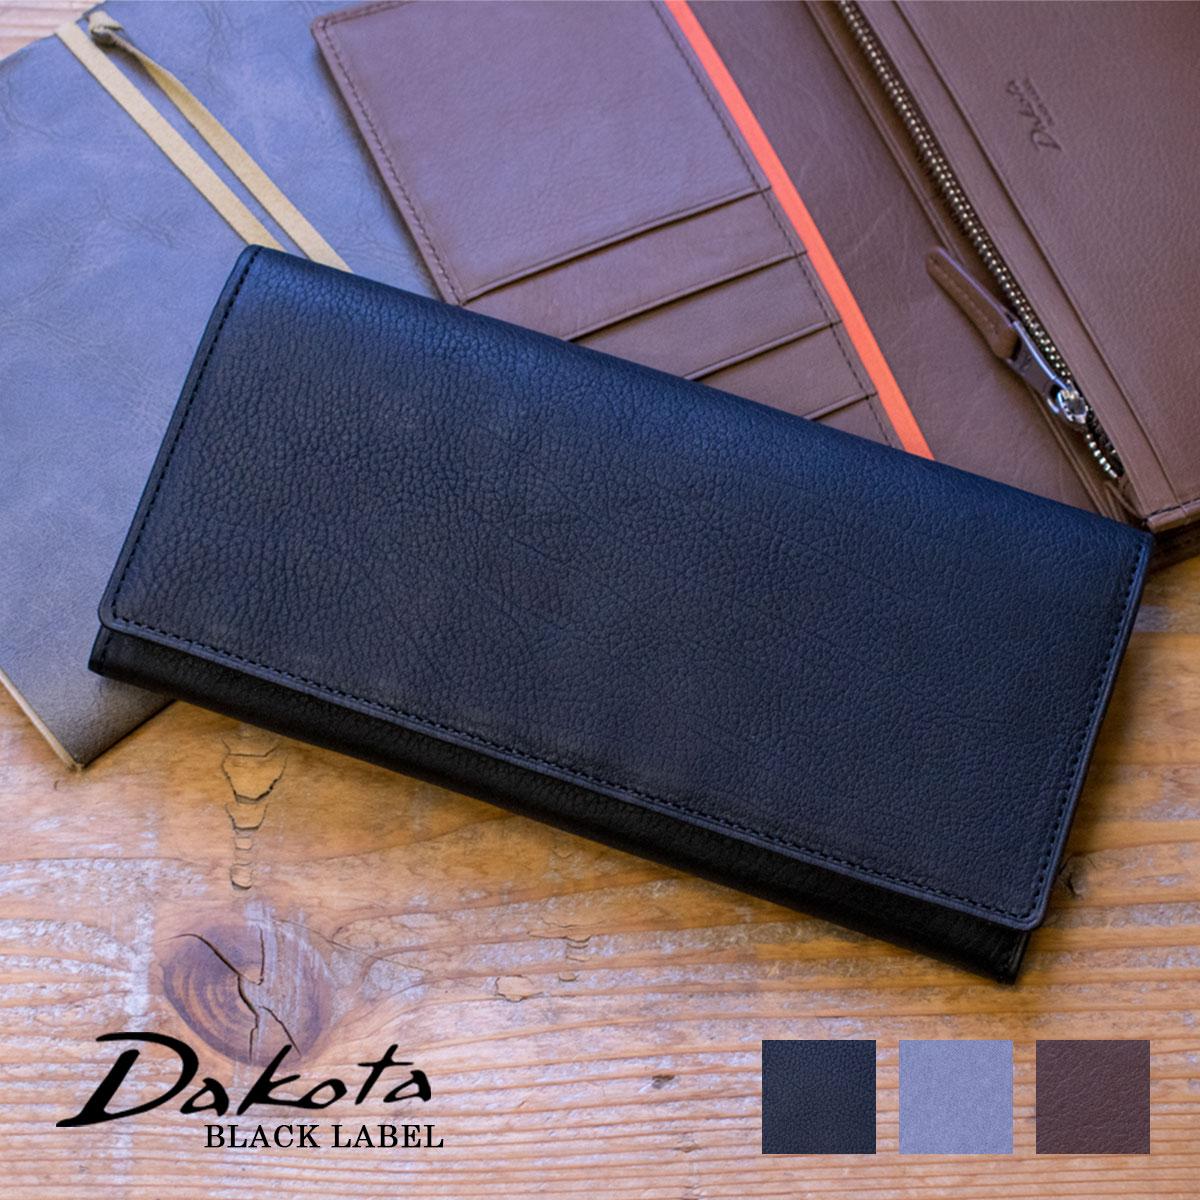 【選べるノベルティ大好評】Dakota BLACK LABEL ダコタブラックレーベル カルプ 長財布 かぶせデザイン 日本製 牛革 本革 0627301